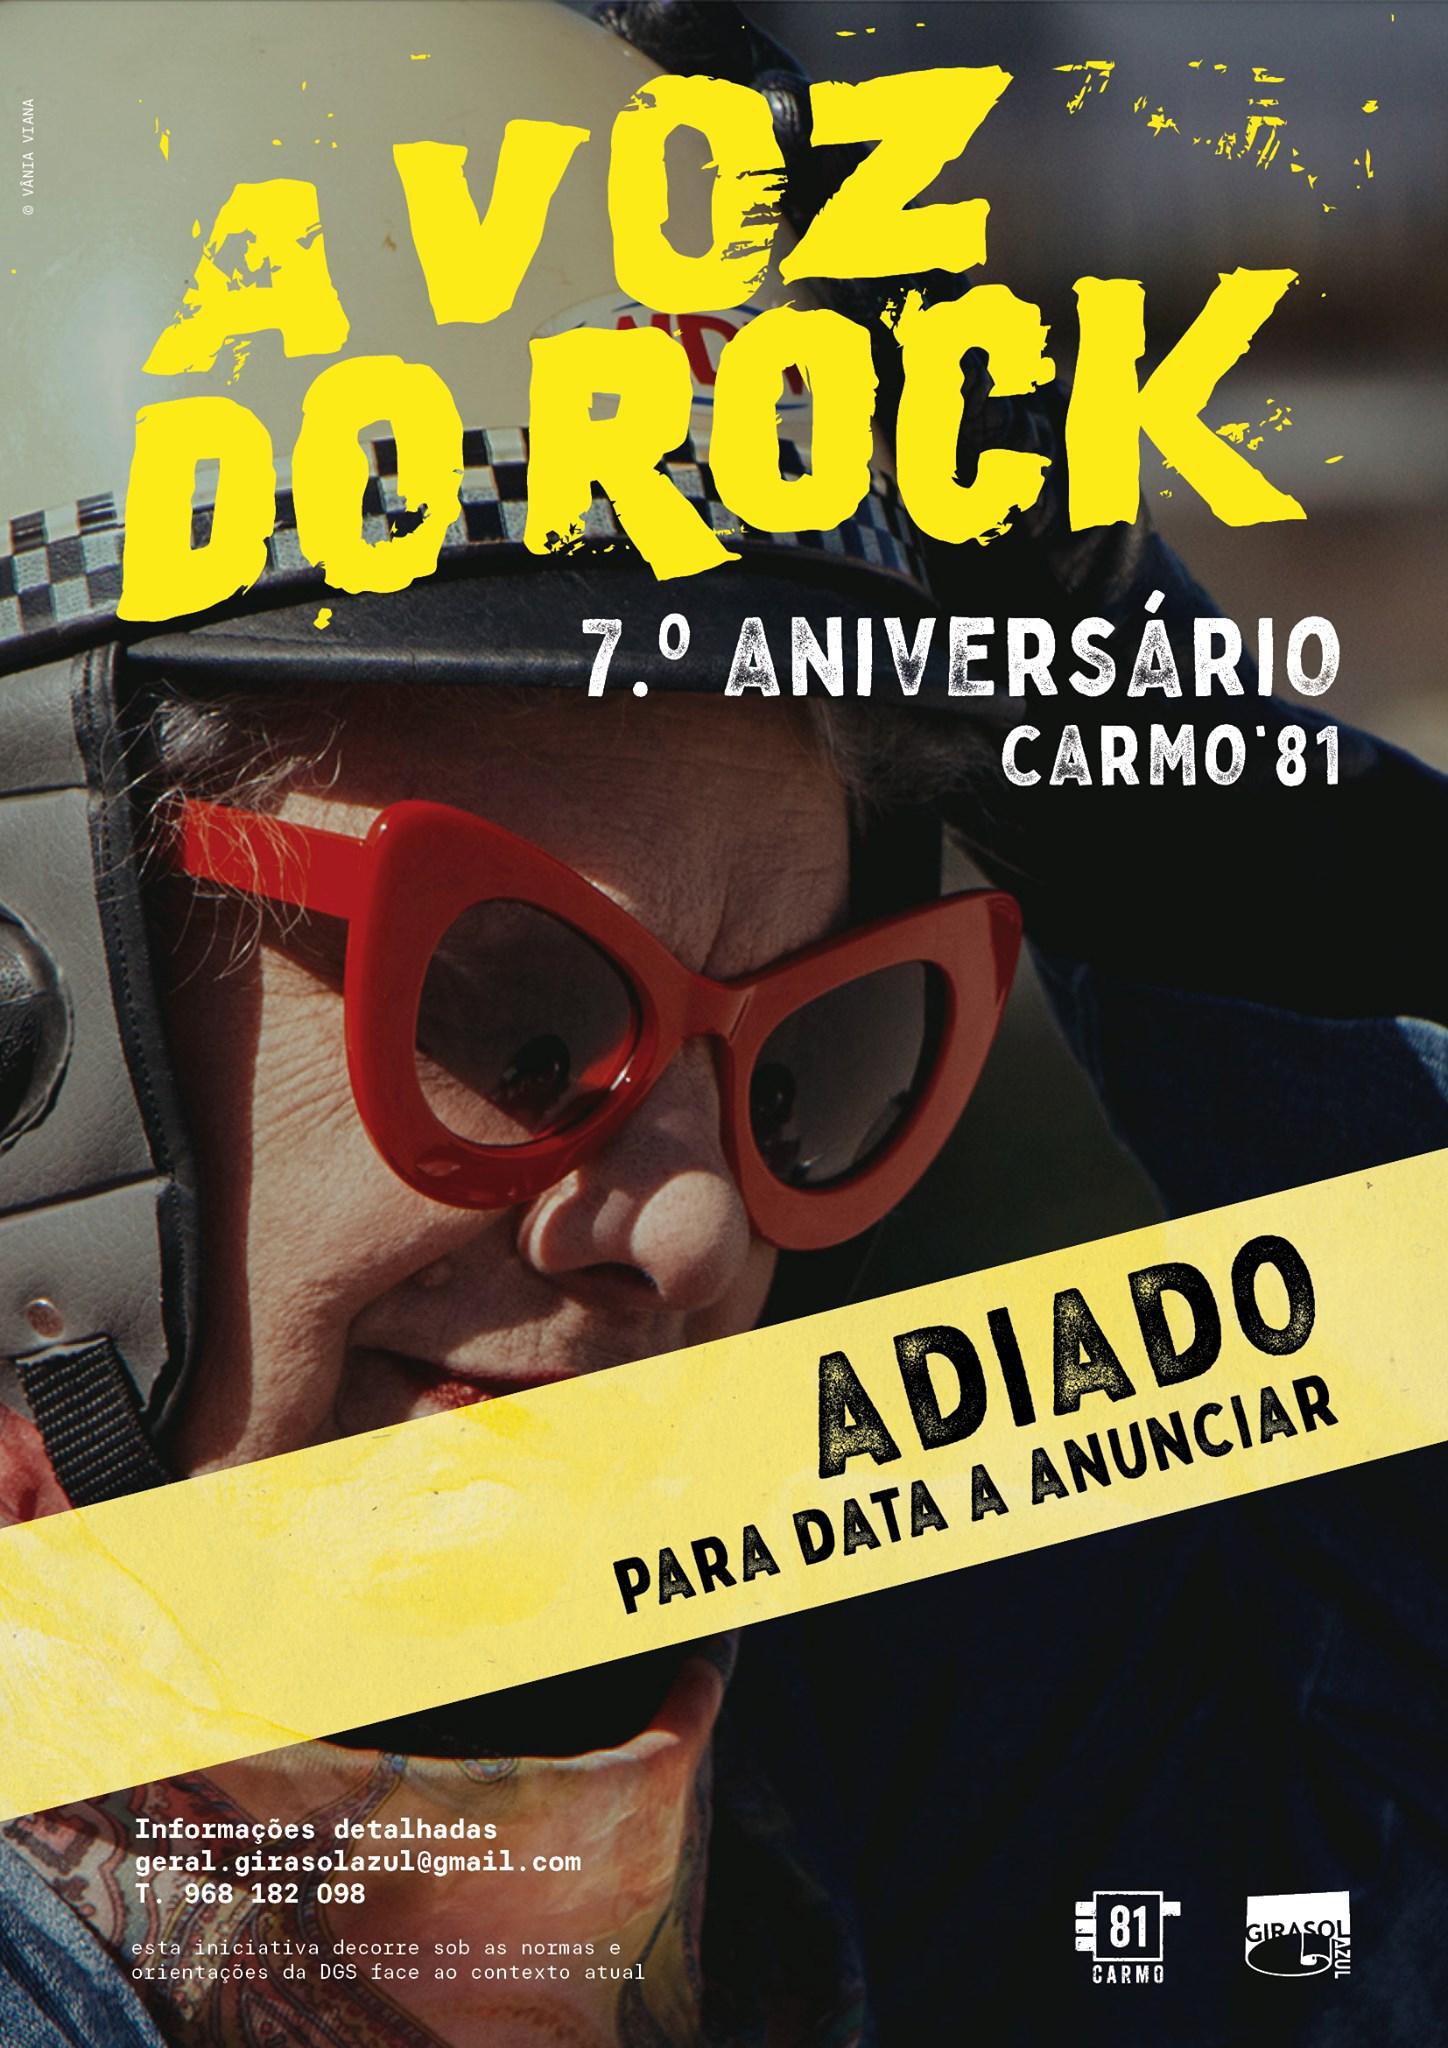 Concertos de aniversário dos A Voz do Rock no Carmo 81 foram adiados